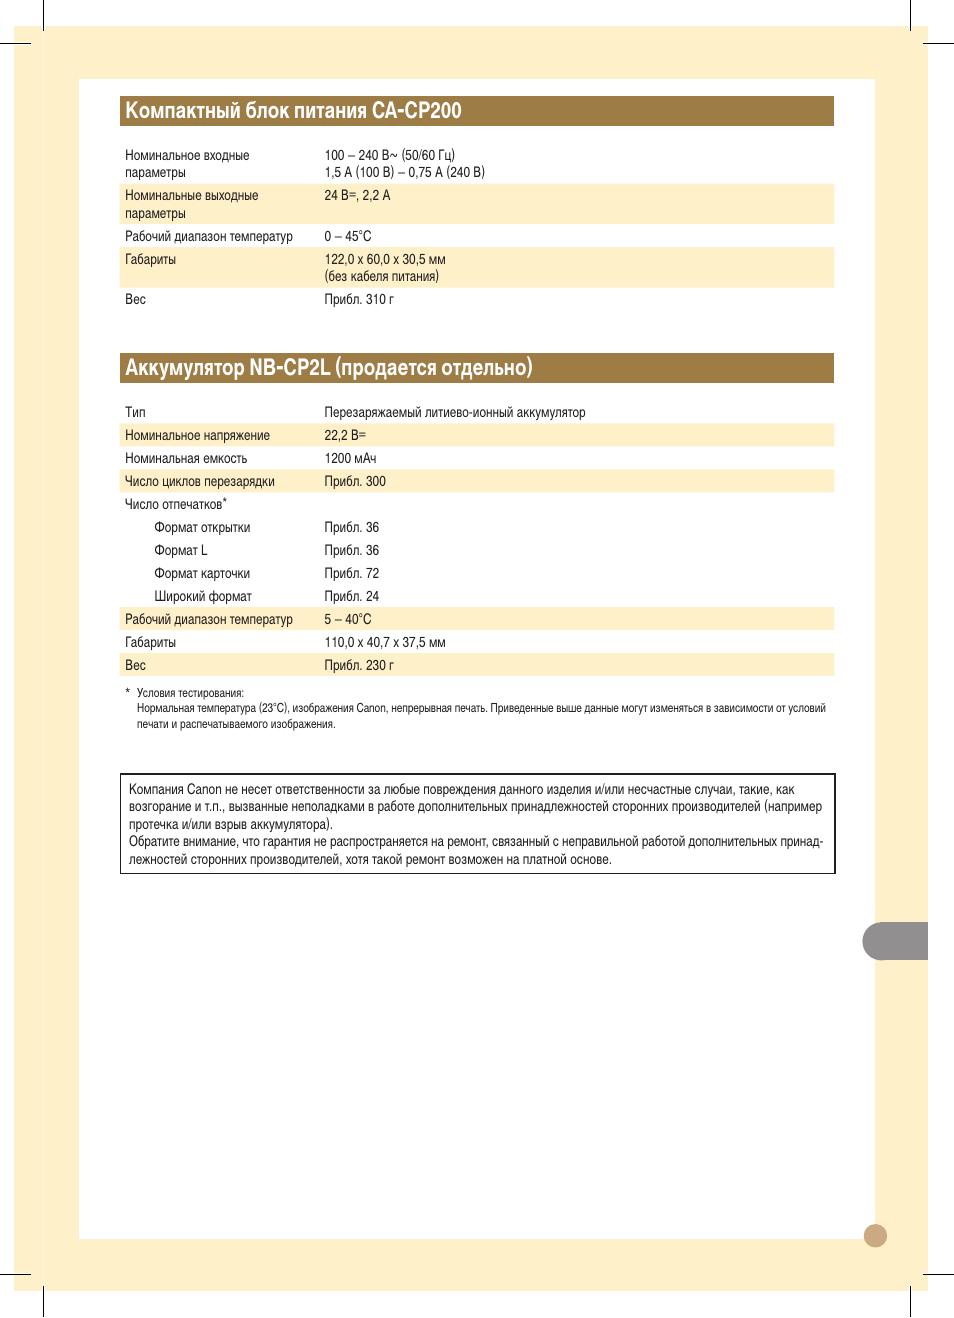 Компактный блок питания ca-cp200, Аккумулятор nb-cp2l (продается отдельно) Инструкция по эксплуатации Canon SELPHY CP-770 Страни